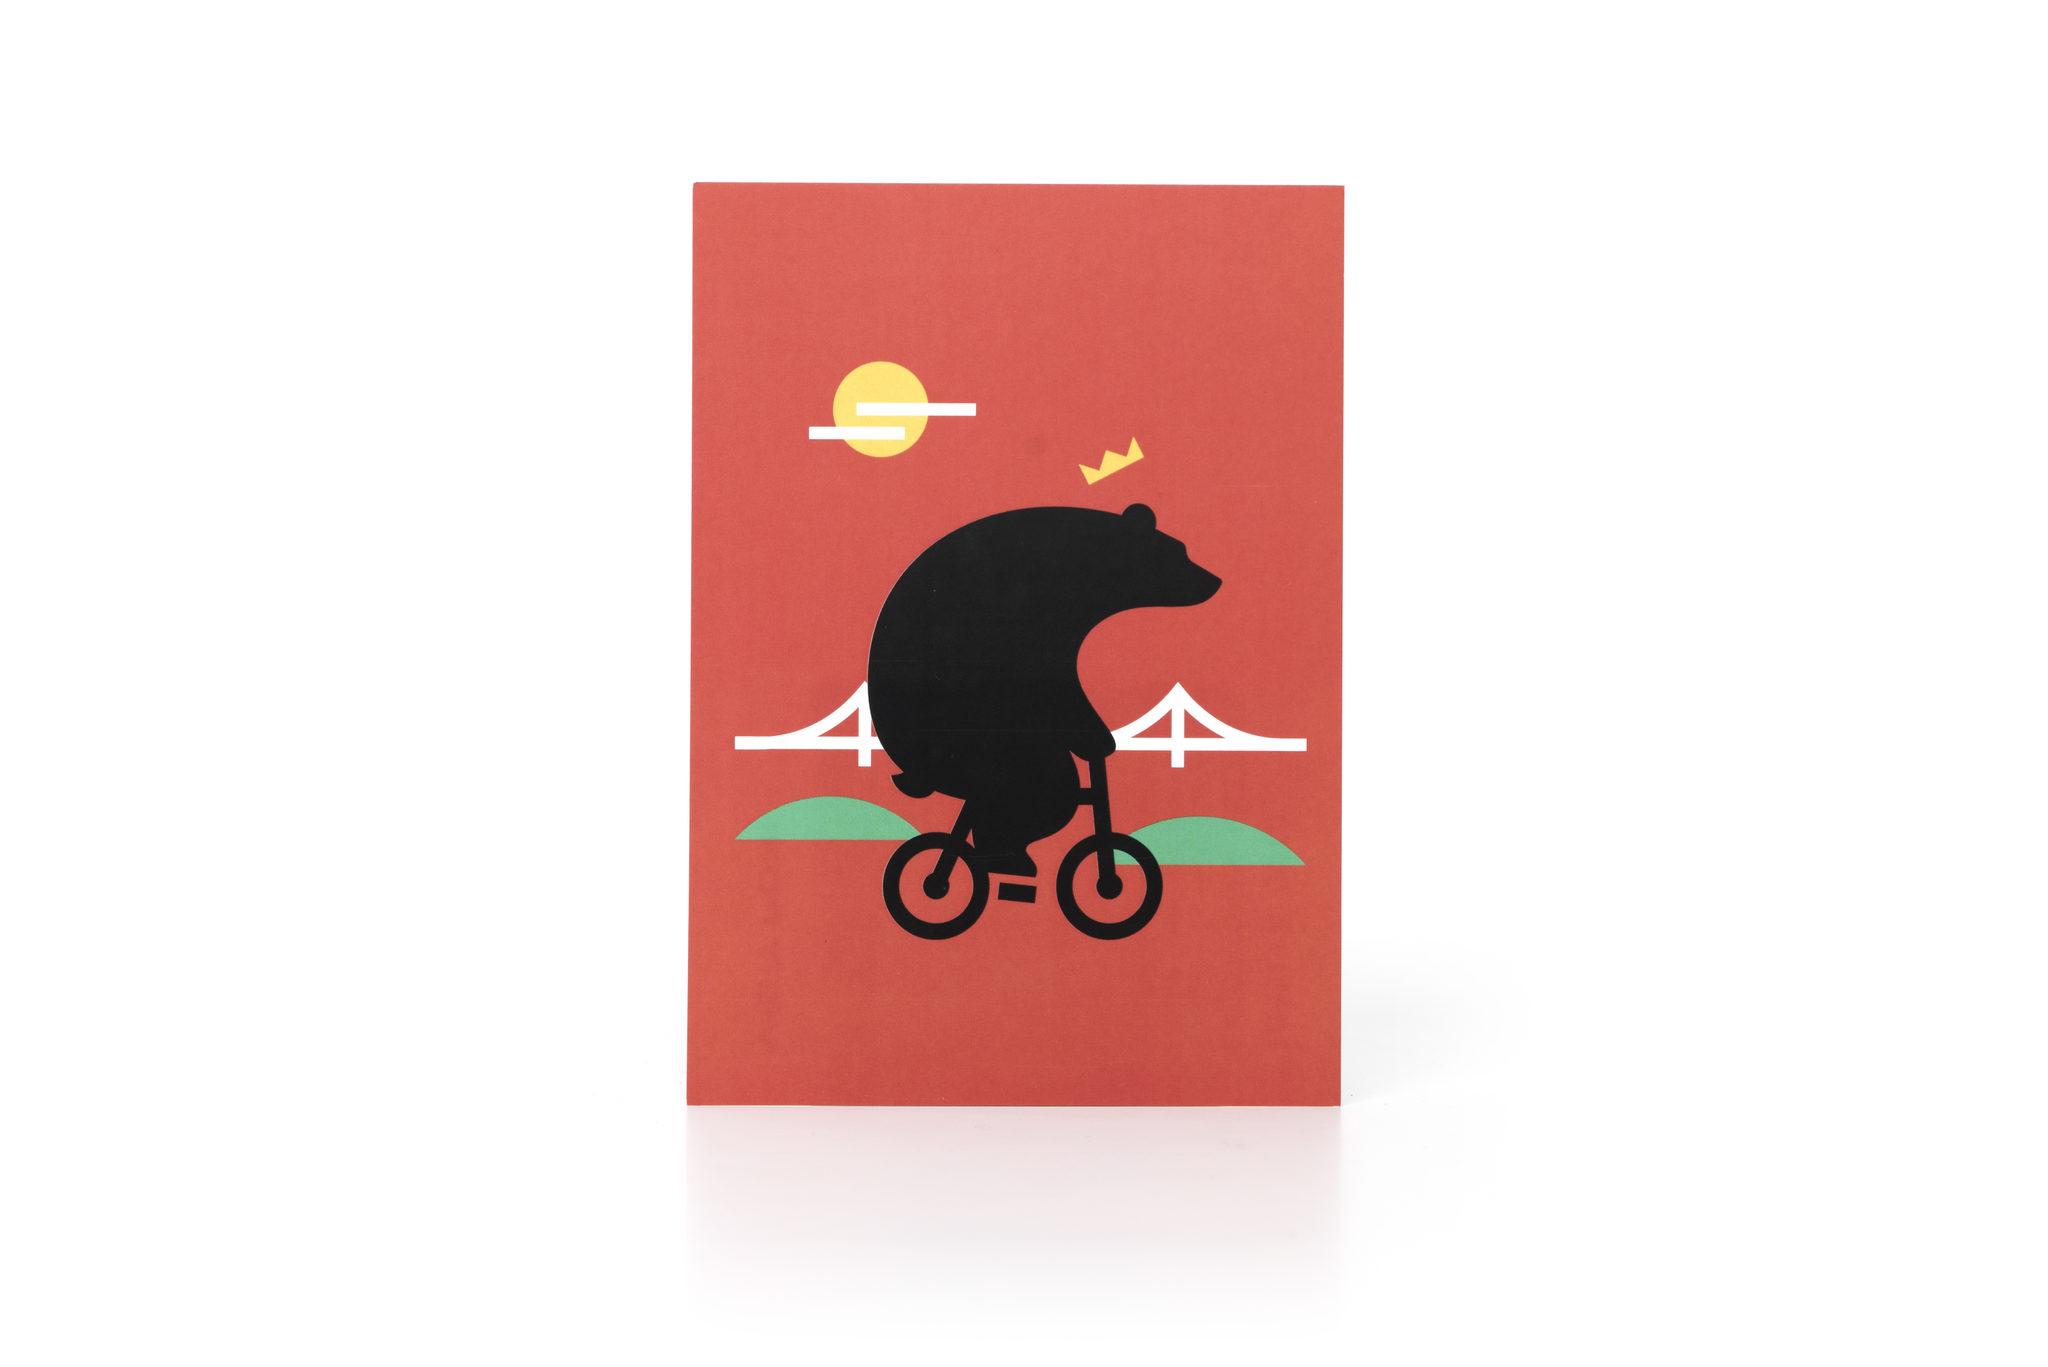 Postikortti pyöräilevä karhu